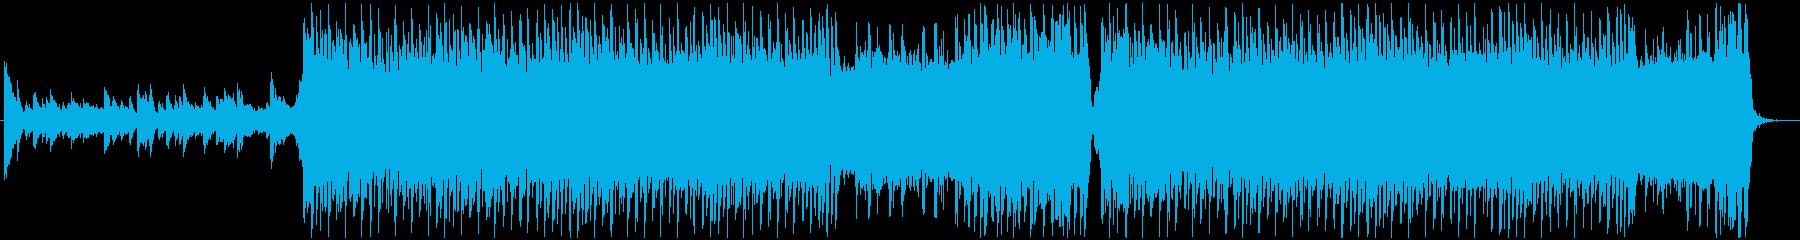 始まりを感じる4つ打ちストリングス曲の再生済みの波形